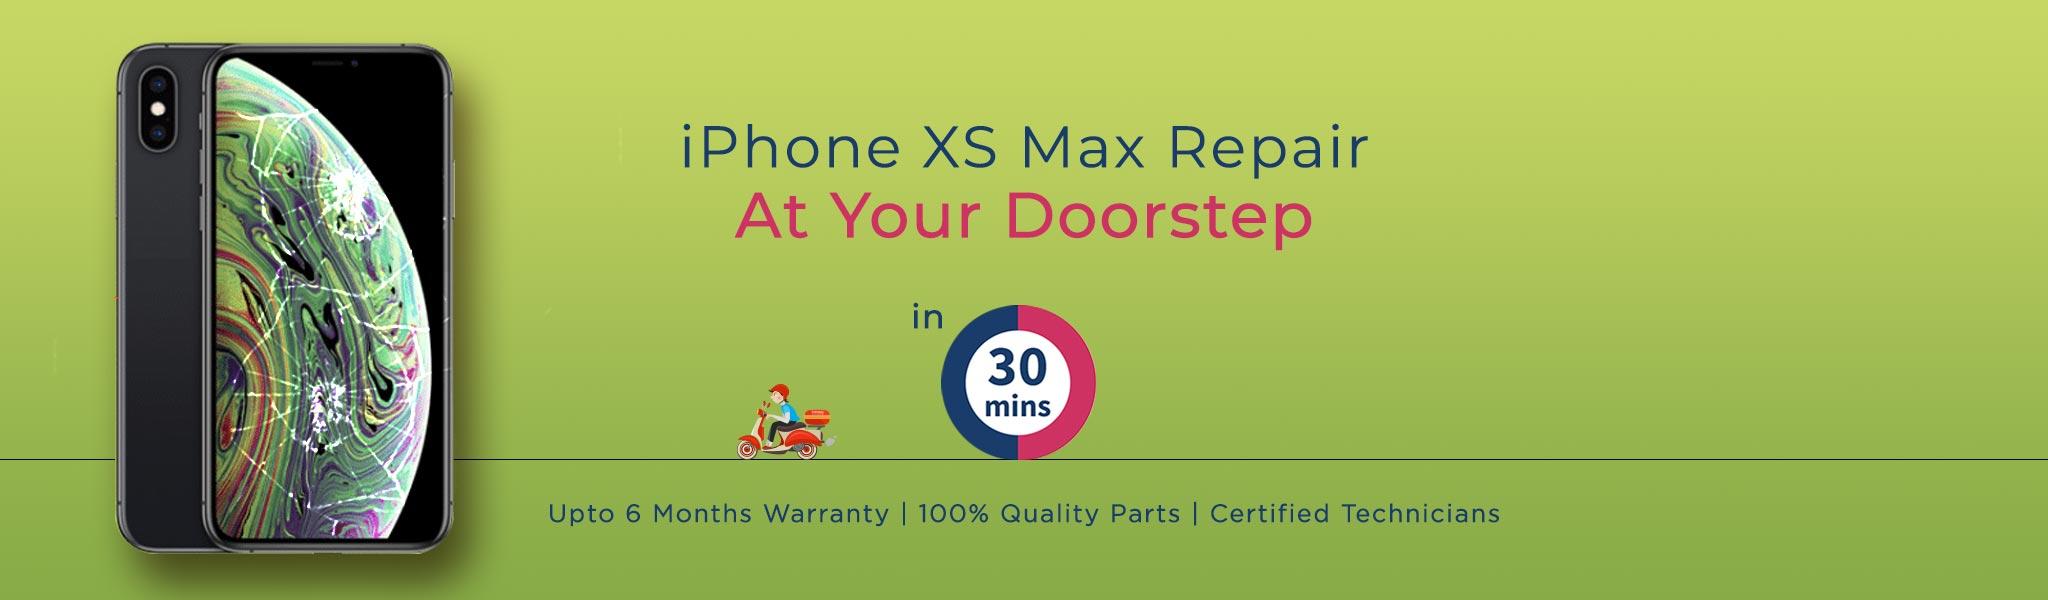 iphone-xs-max-repair.jpg